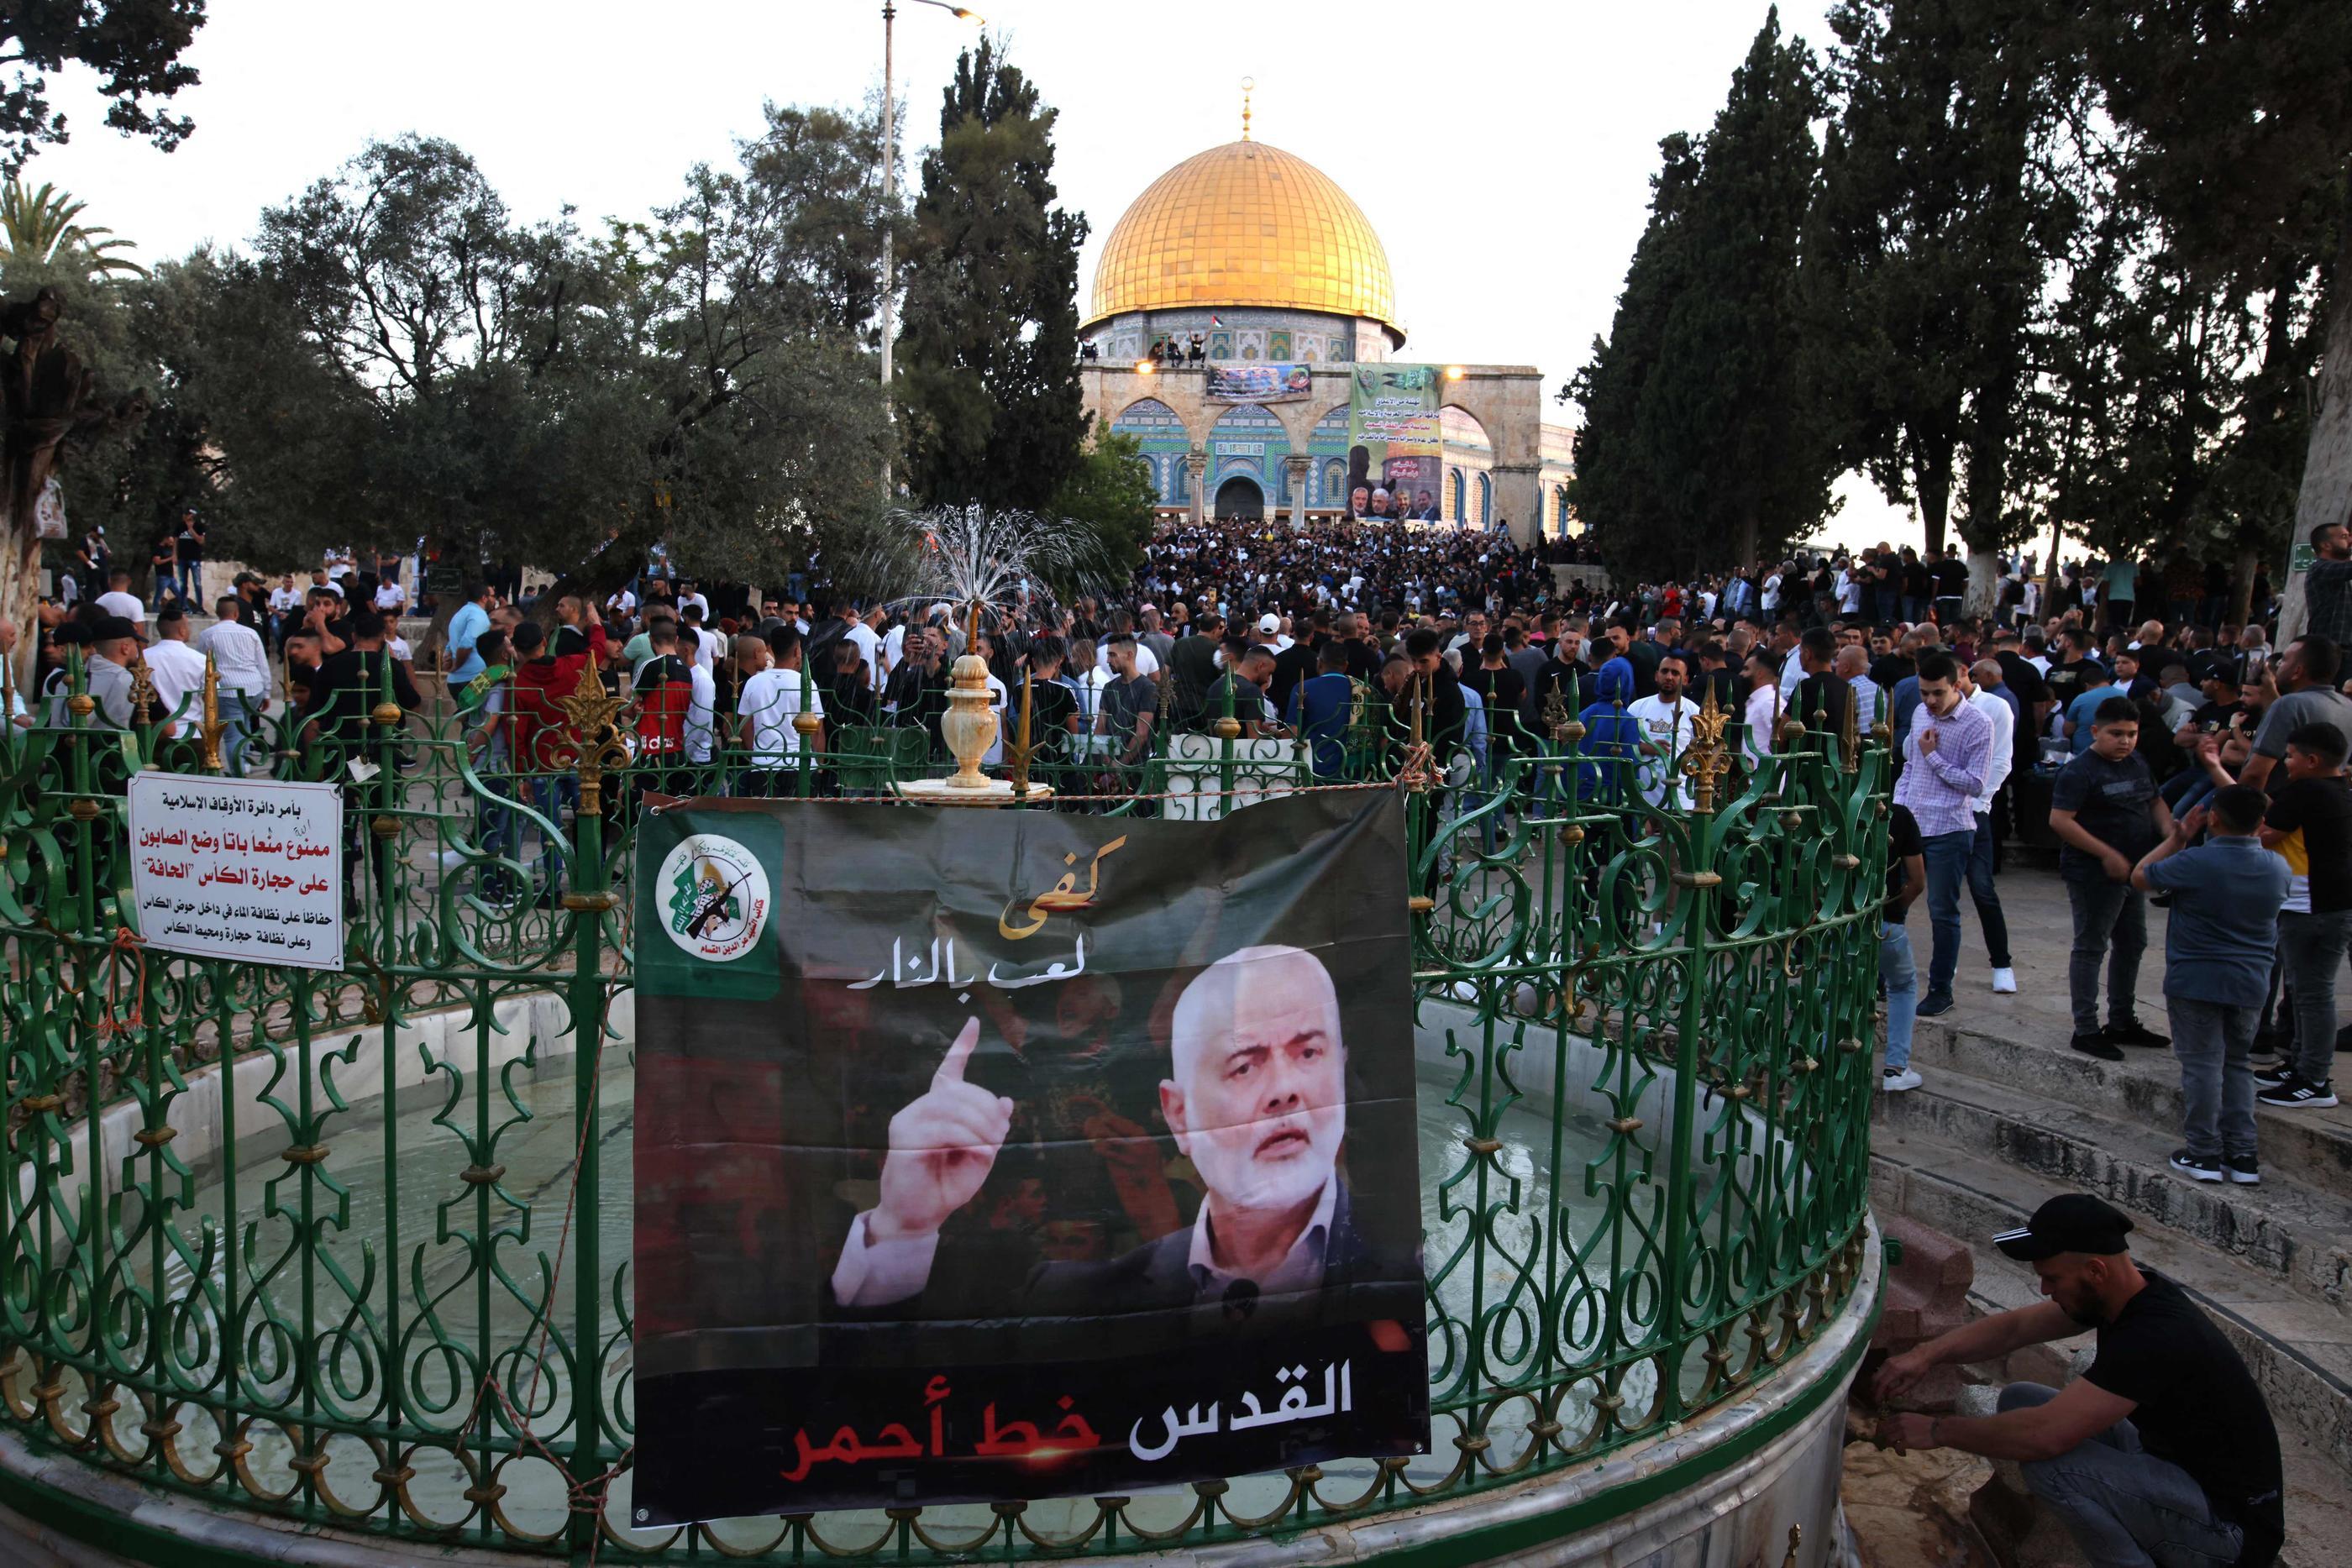 Conflit au Proche-Orient : quel objectif le Hamas poursuit-il dans sa guerre contre Israël ?